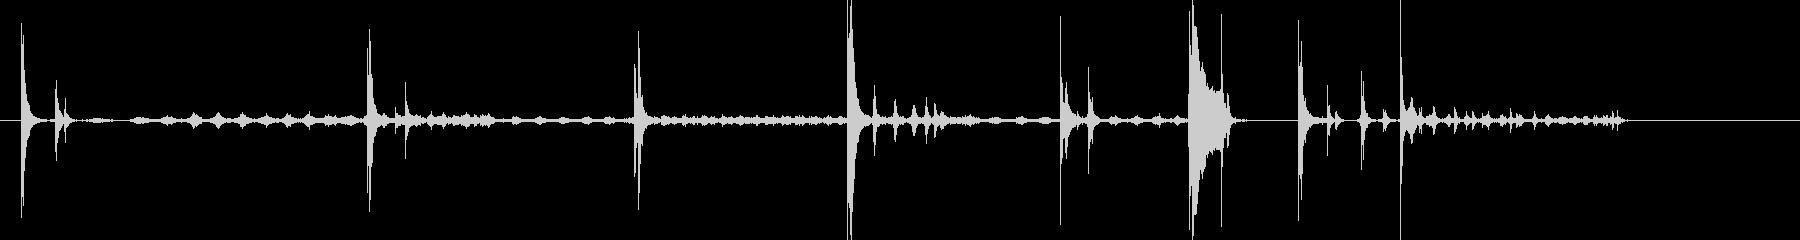 チャリクワワン(コイン落下音)の未再生の波形